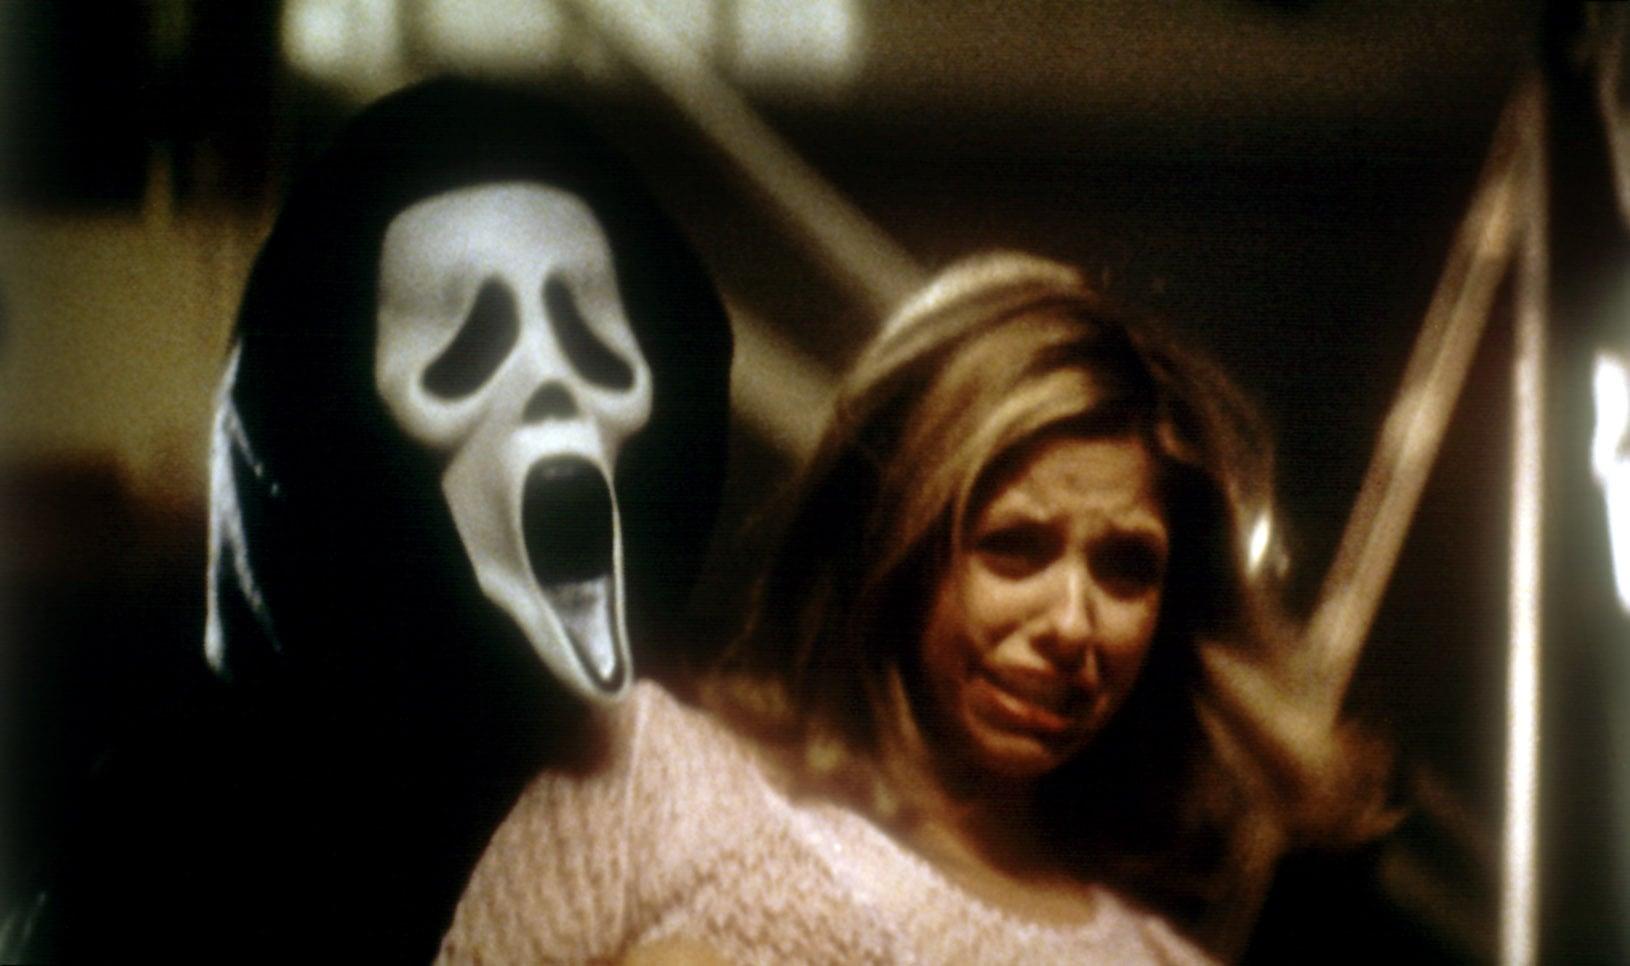 SCREAM 2, Sarah Michelle Gellar, 1997, mask